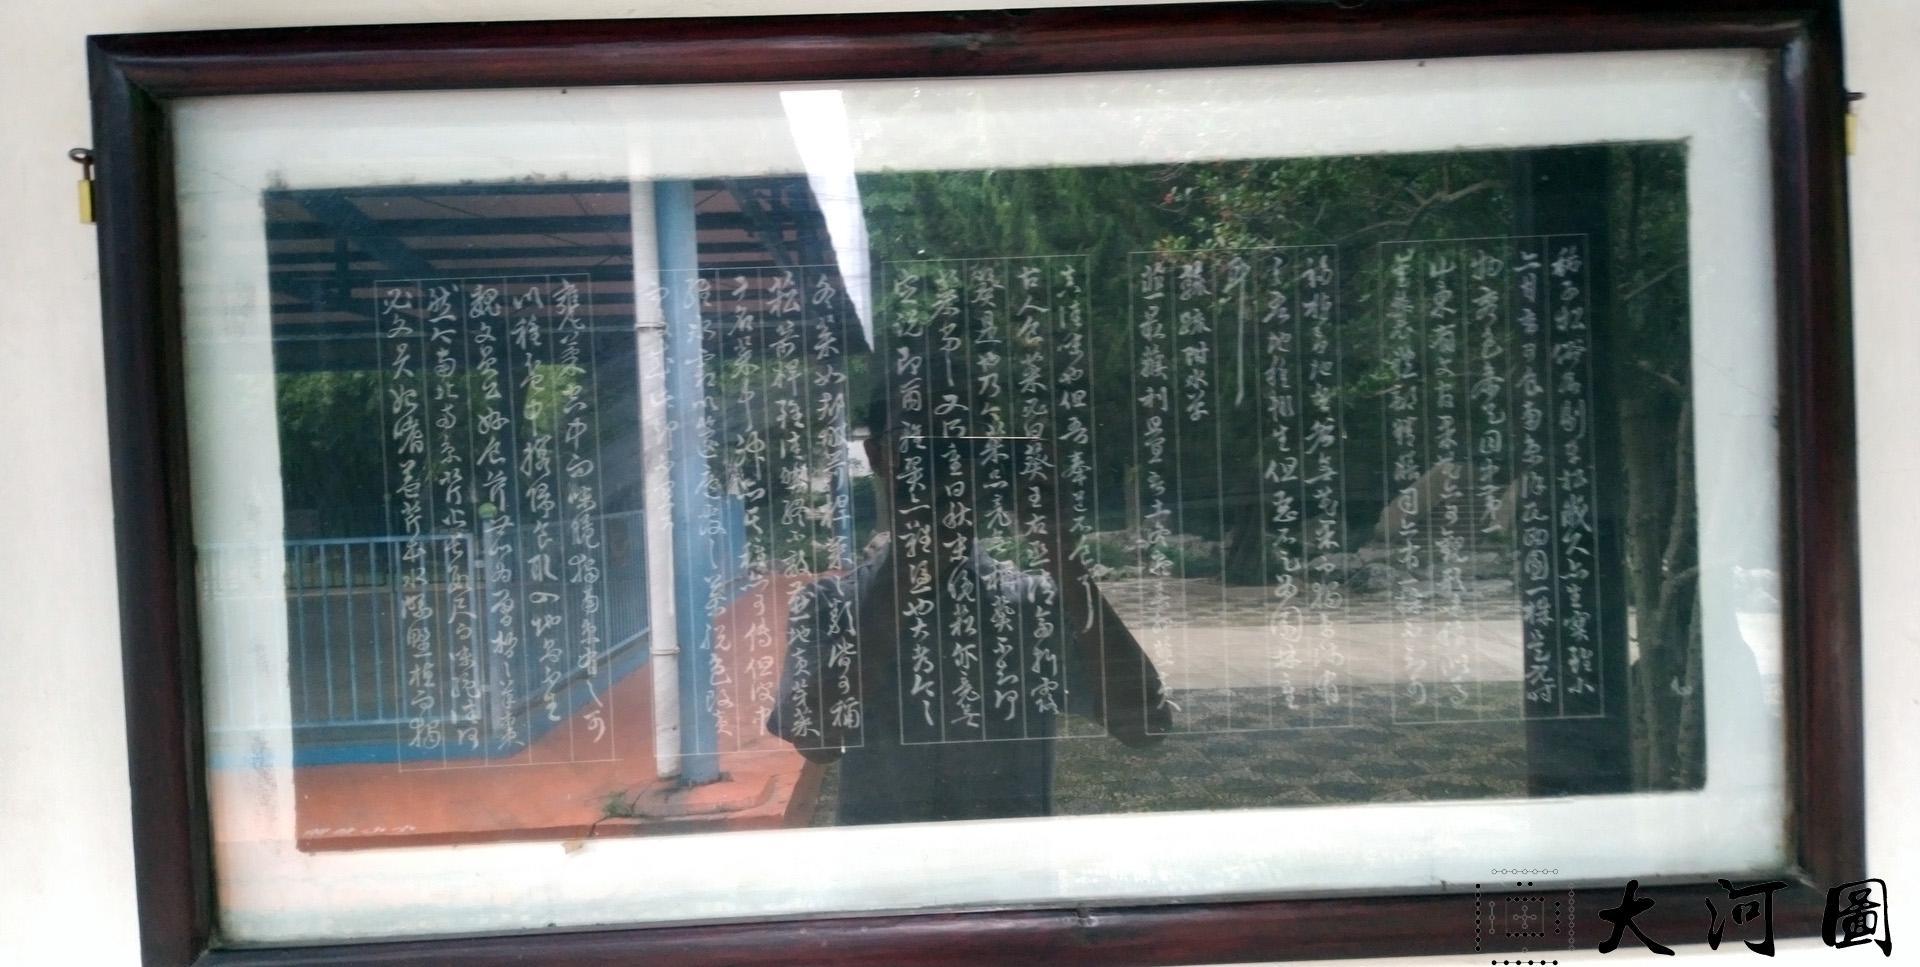 太仓弇山园石刻书法碑 石狮子 墨妙亭 这里是太仓 摄影 第23张